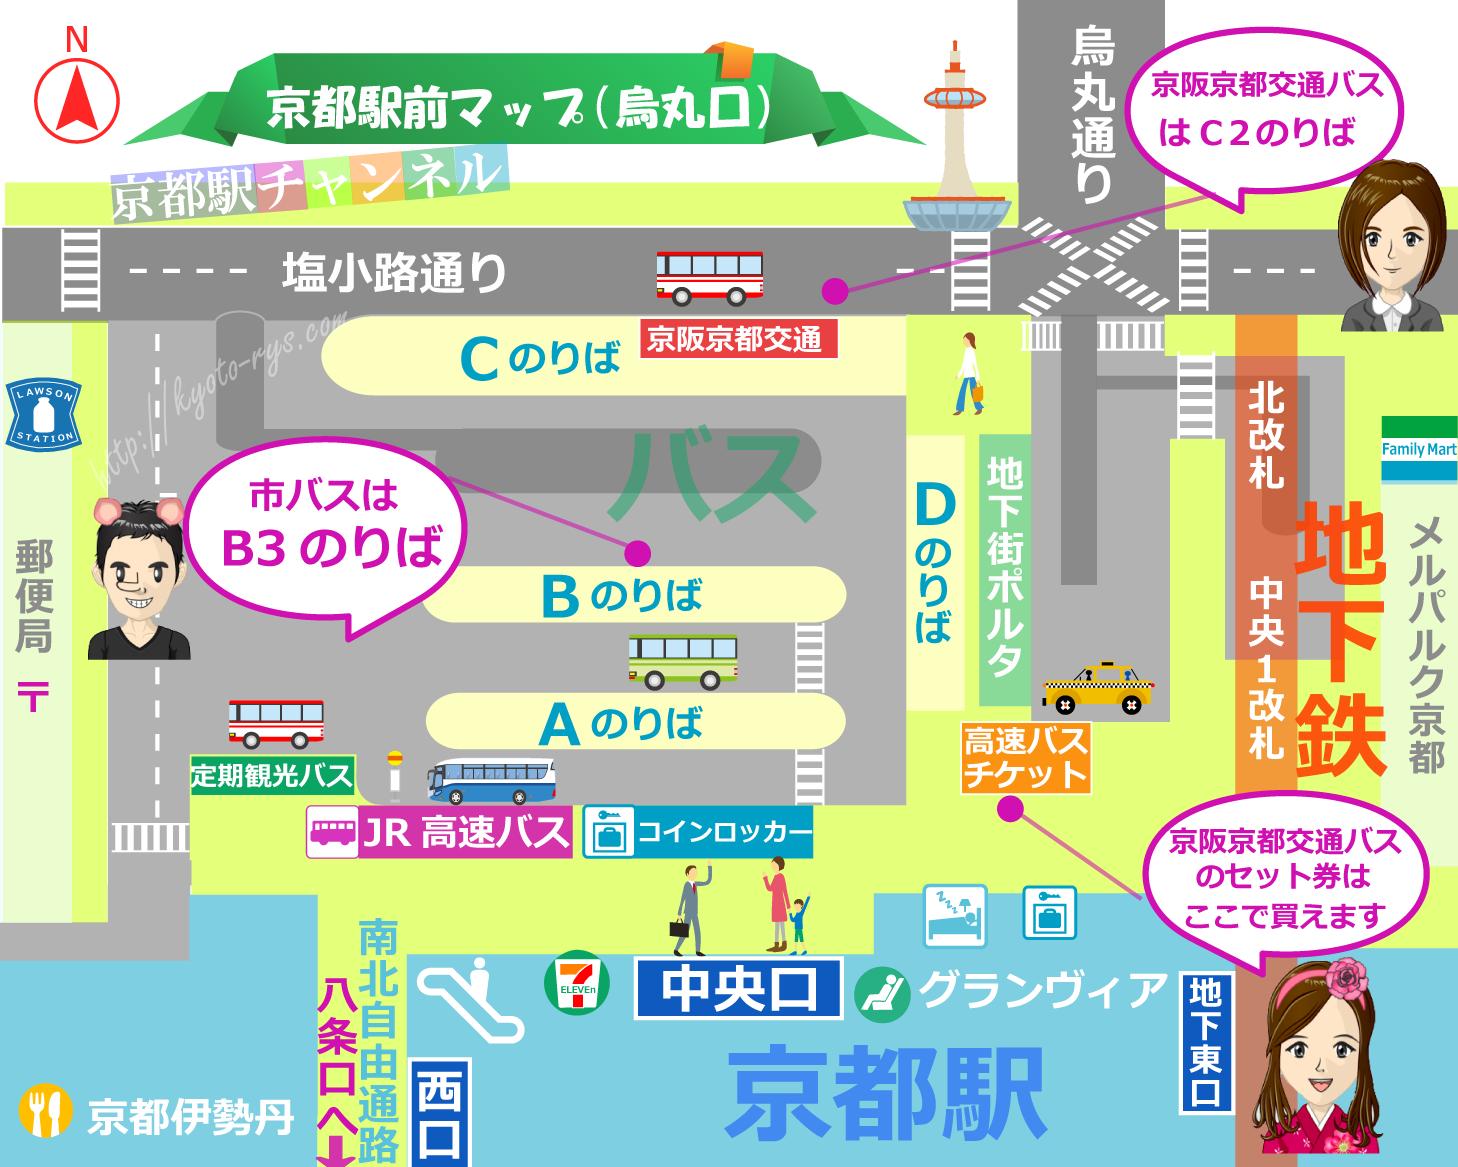 京都駅の京都水族館行きバスのりばとセット券の販売所